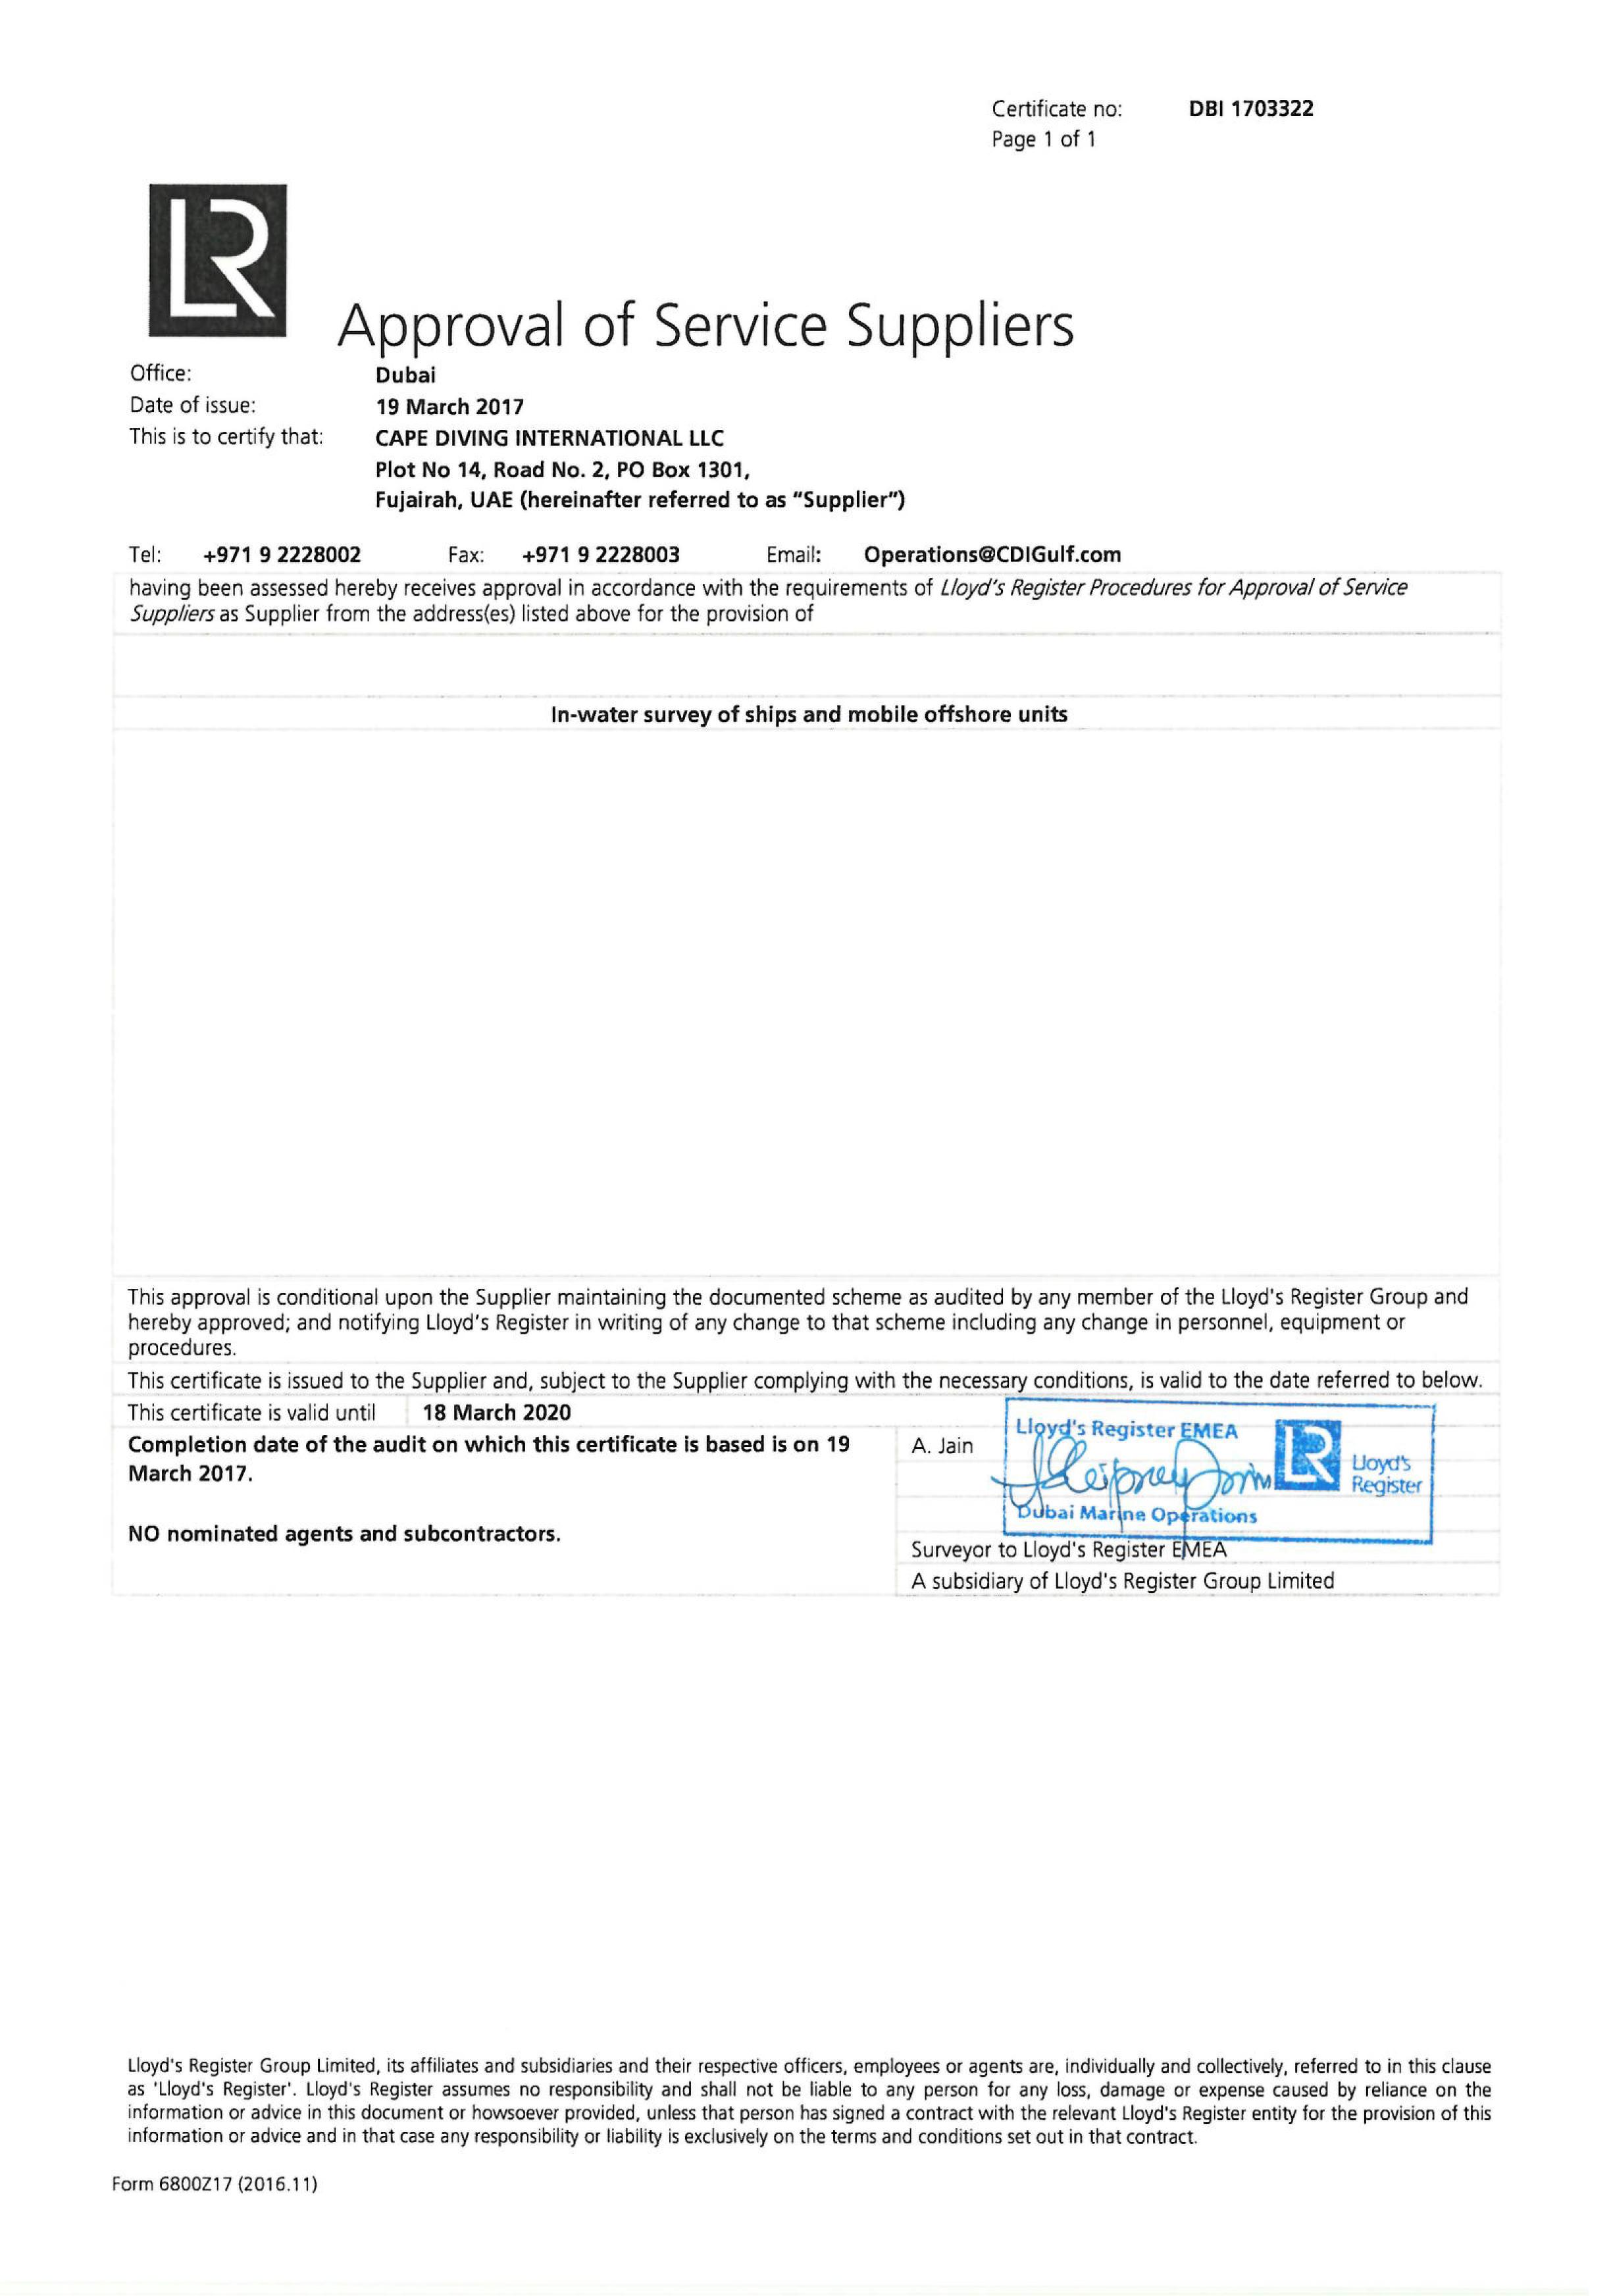 LR Approval Certificate.jpg